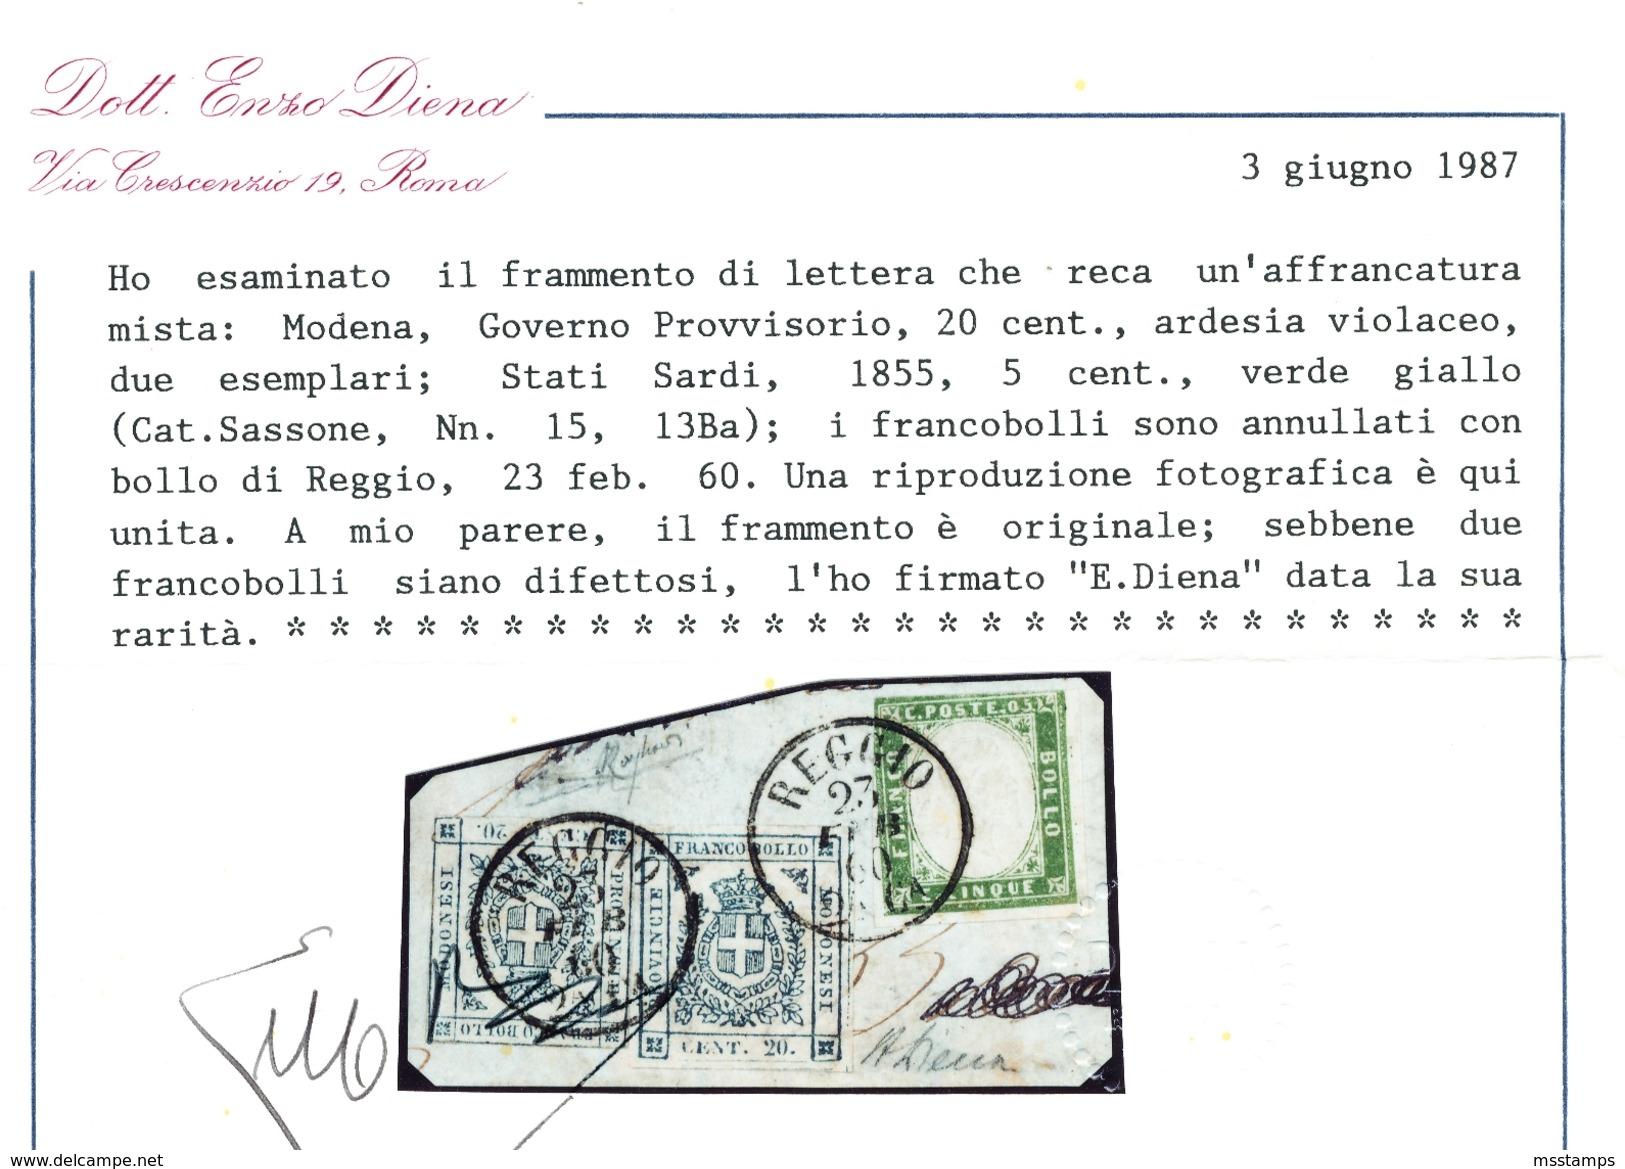 MODENA Governo Provvisorio + SARDEGNA RARISSIMA AFFRANCATURA MISTA REGNO D'ITALIA REGGIO EMILIA Certificato - Storia Postale